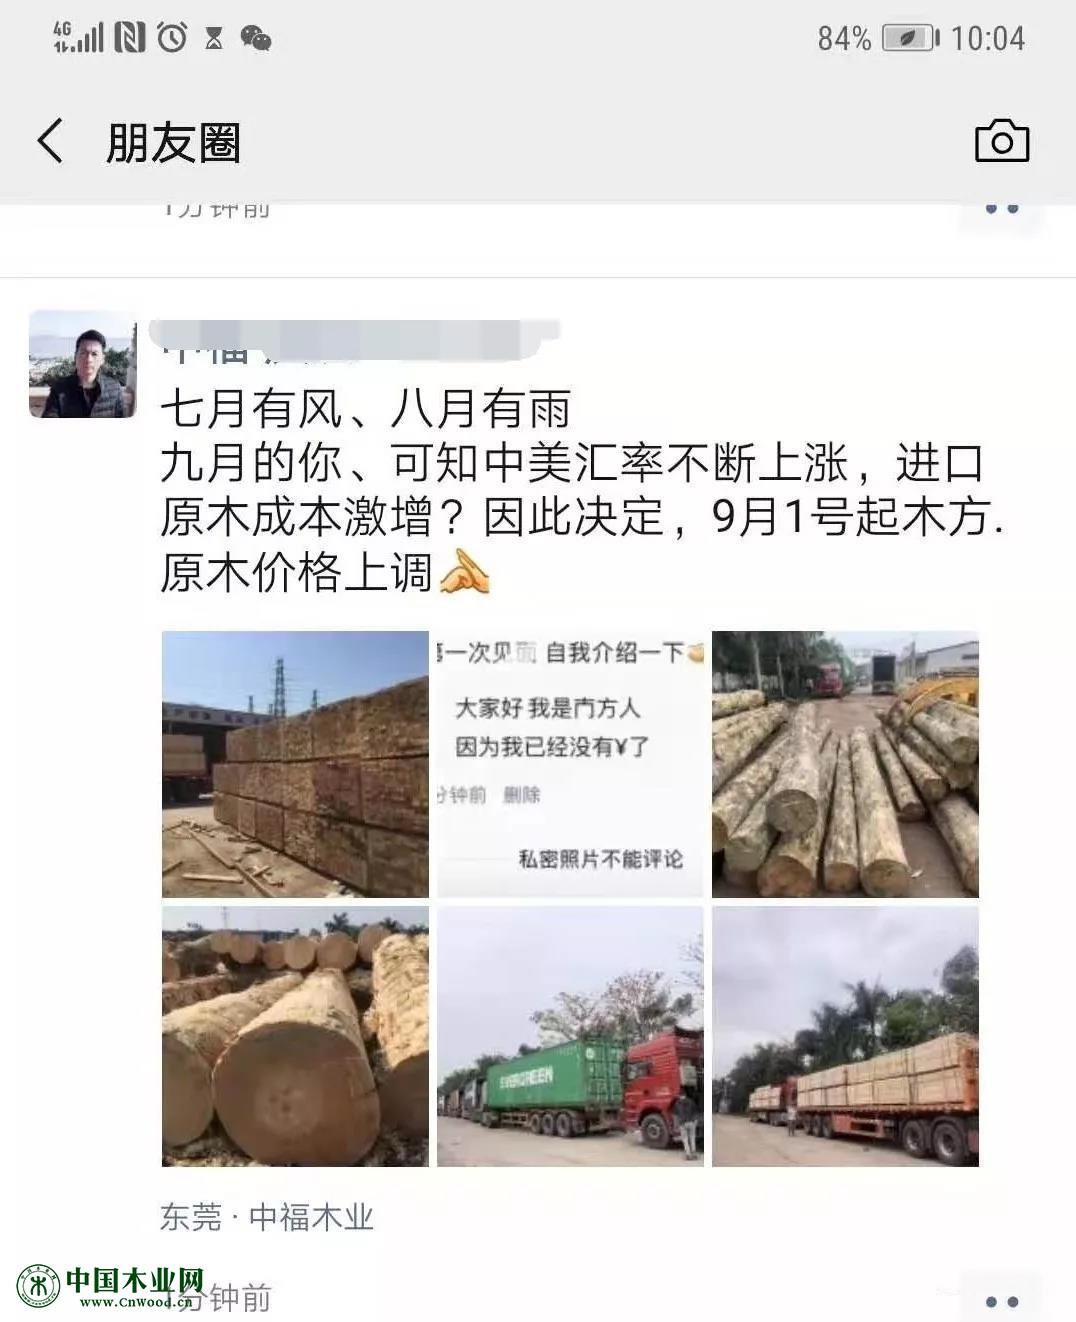 广东木材全线上涨,打响金九第一炮!